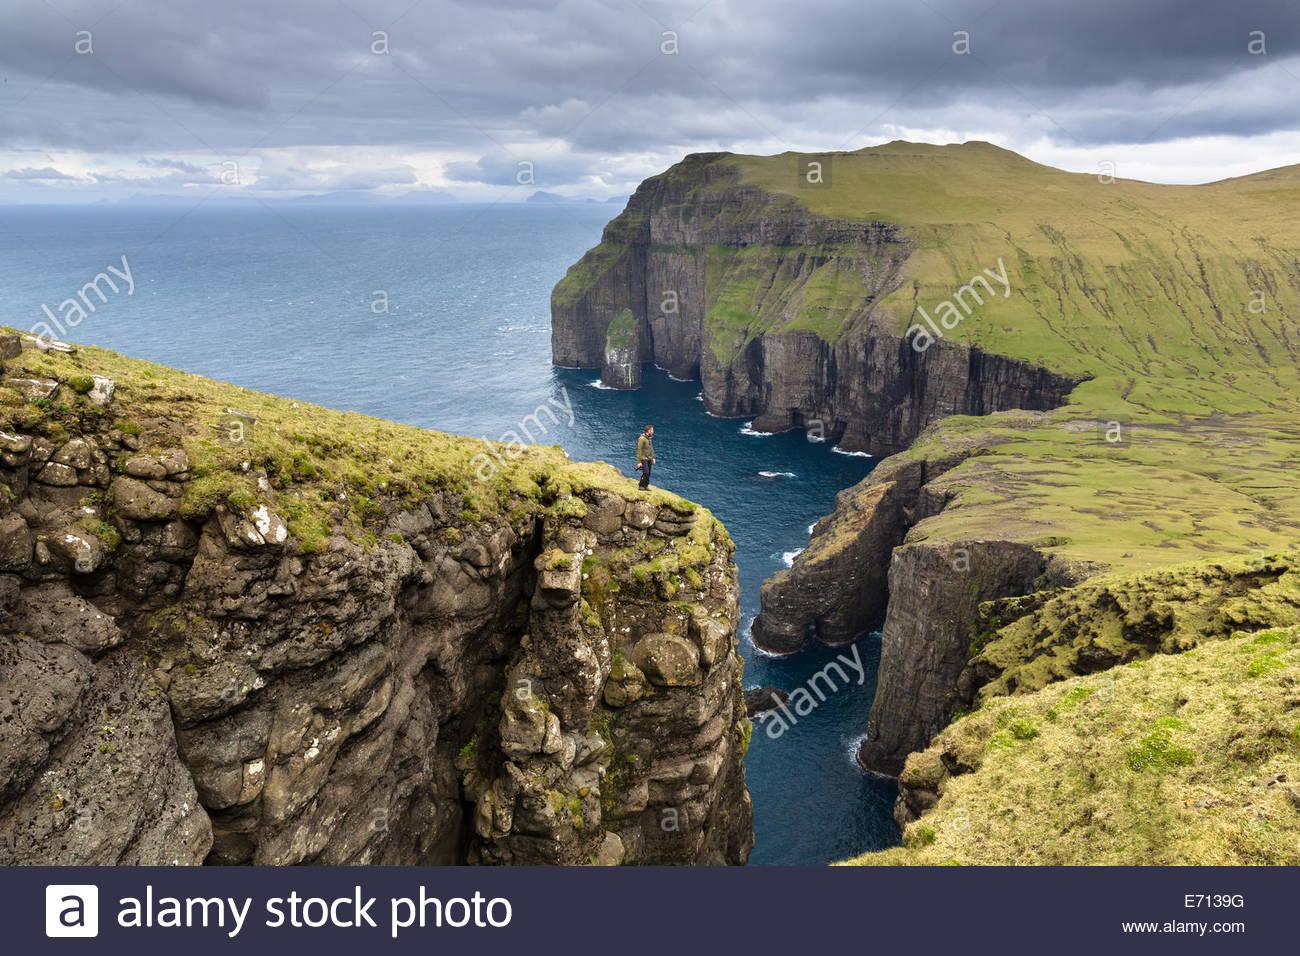 Asmundarstakkur, Faroe Islands, Denmark - Stock Image